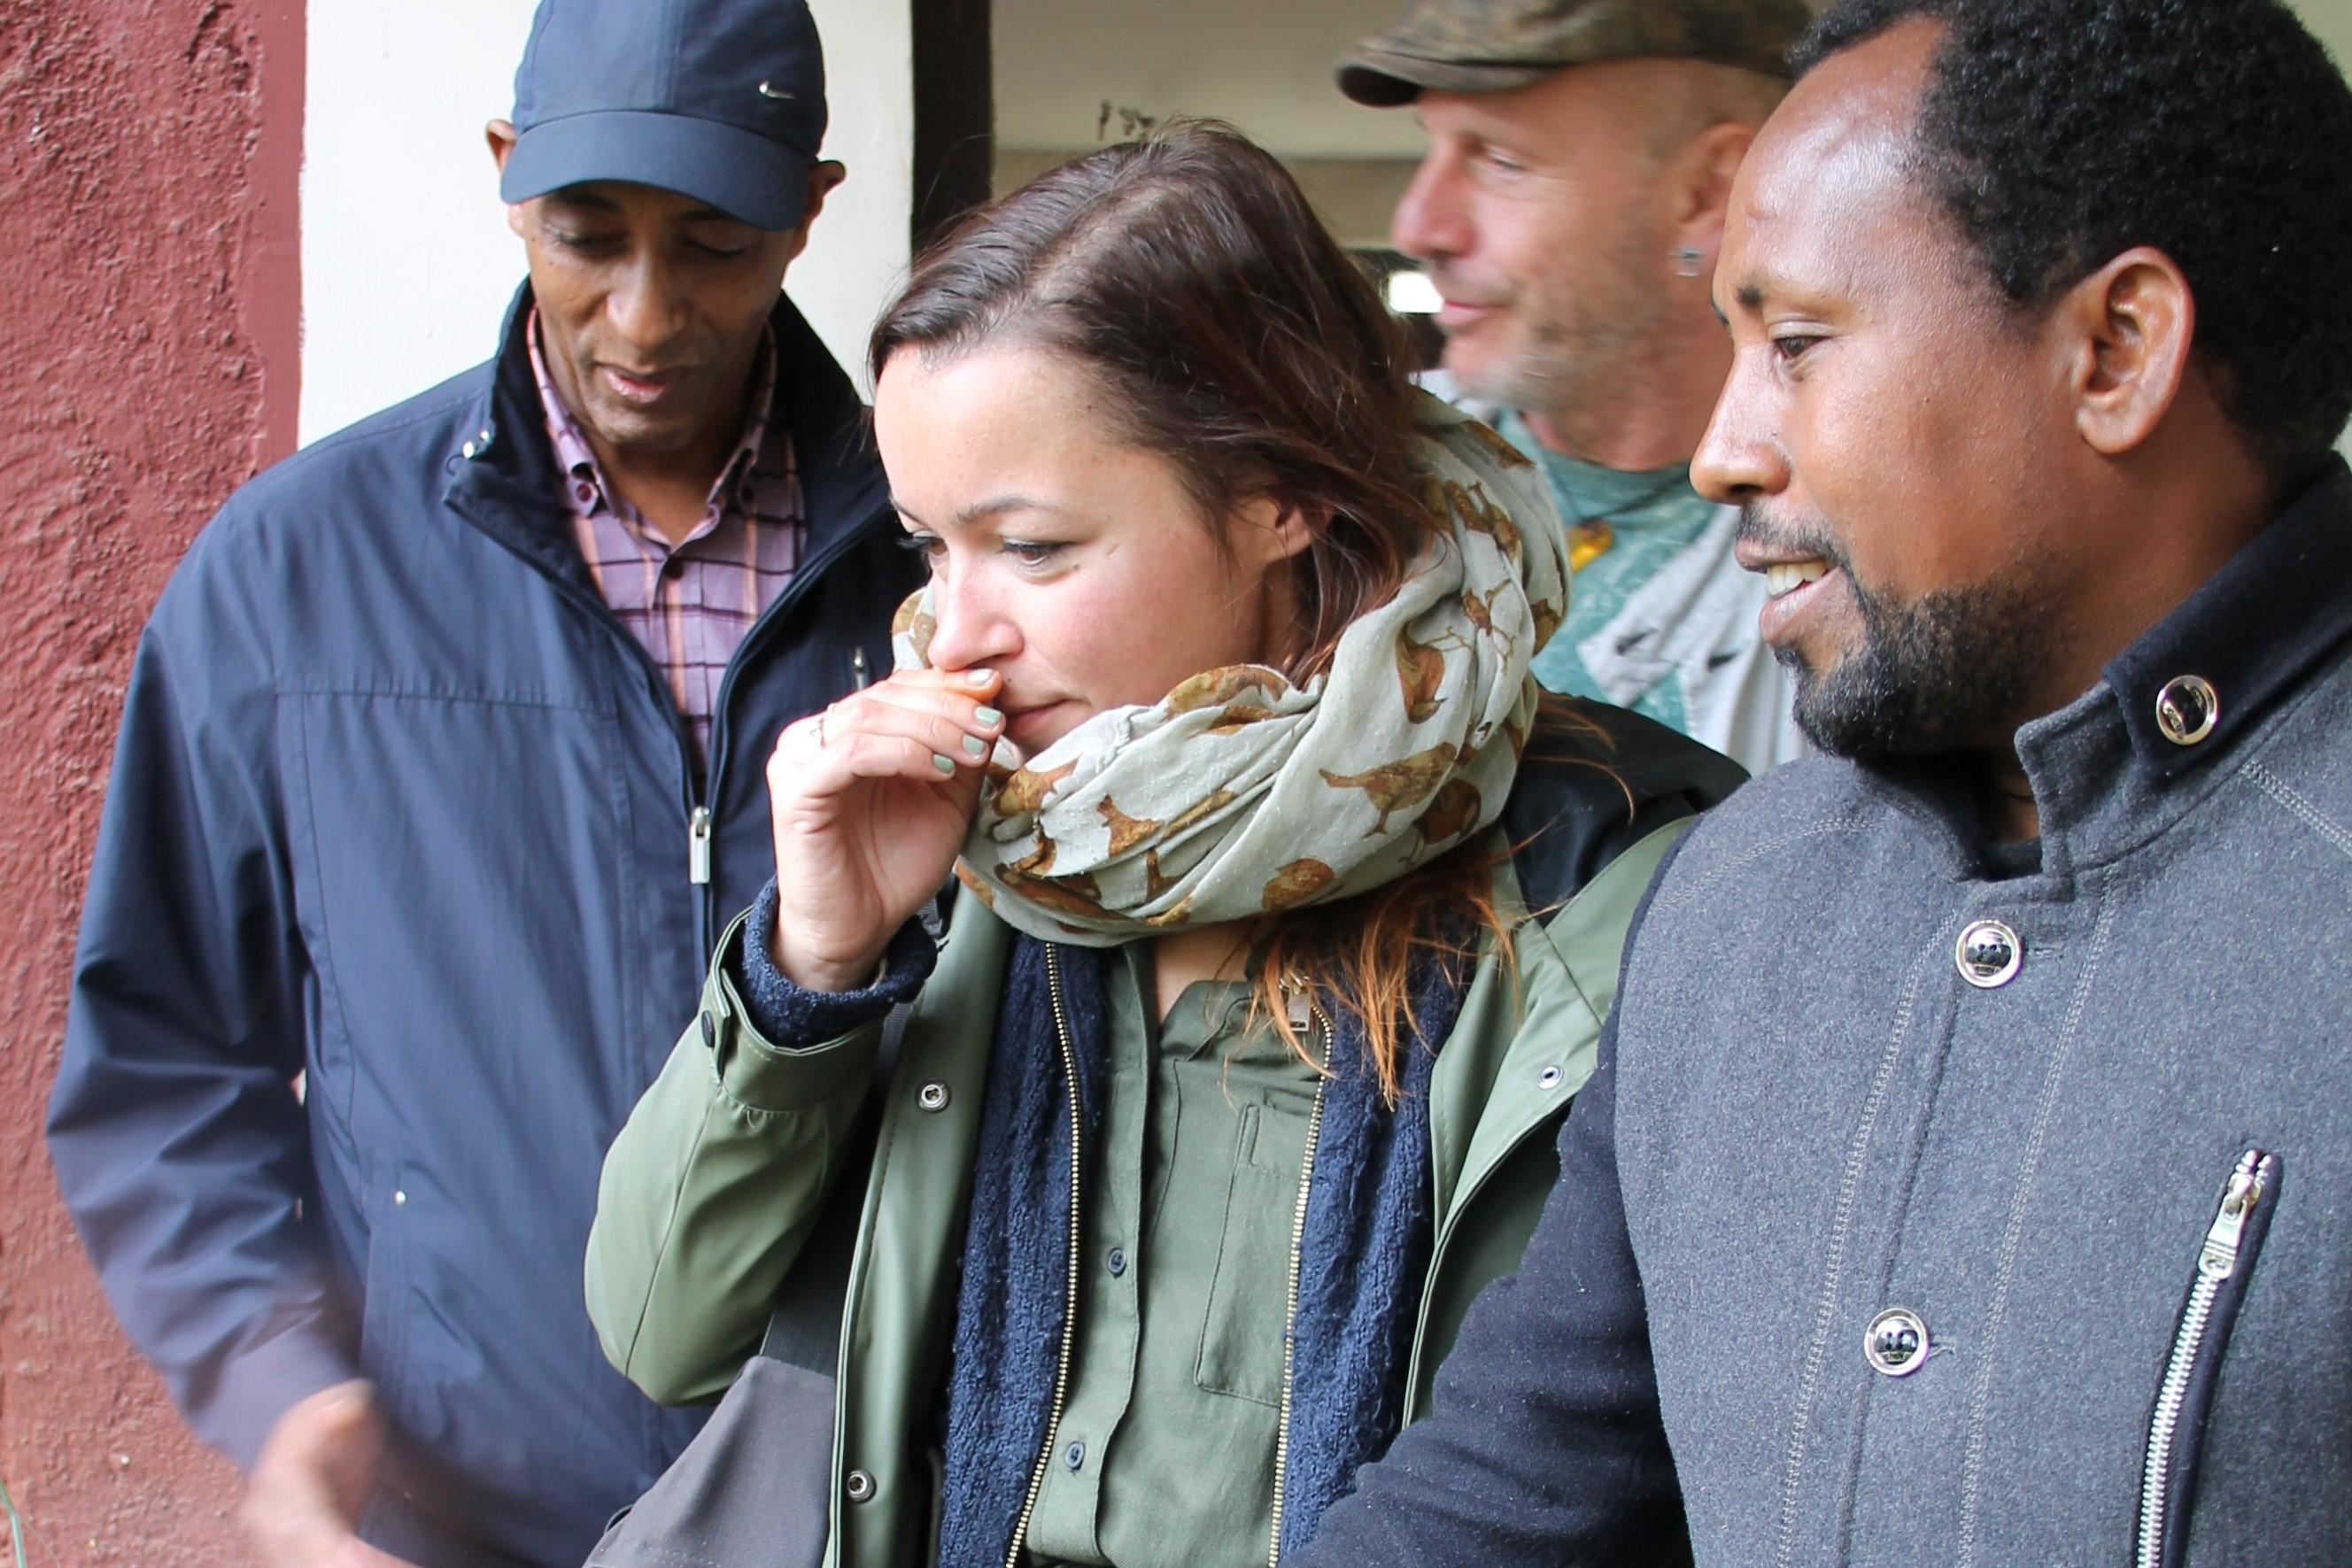 Sarah Junge vom Berufsschulzentrum 12 riecht an duftenden Kräutern im Botanischen Garten von Addis Abeba. Foto: Stephanie von Aretin